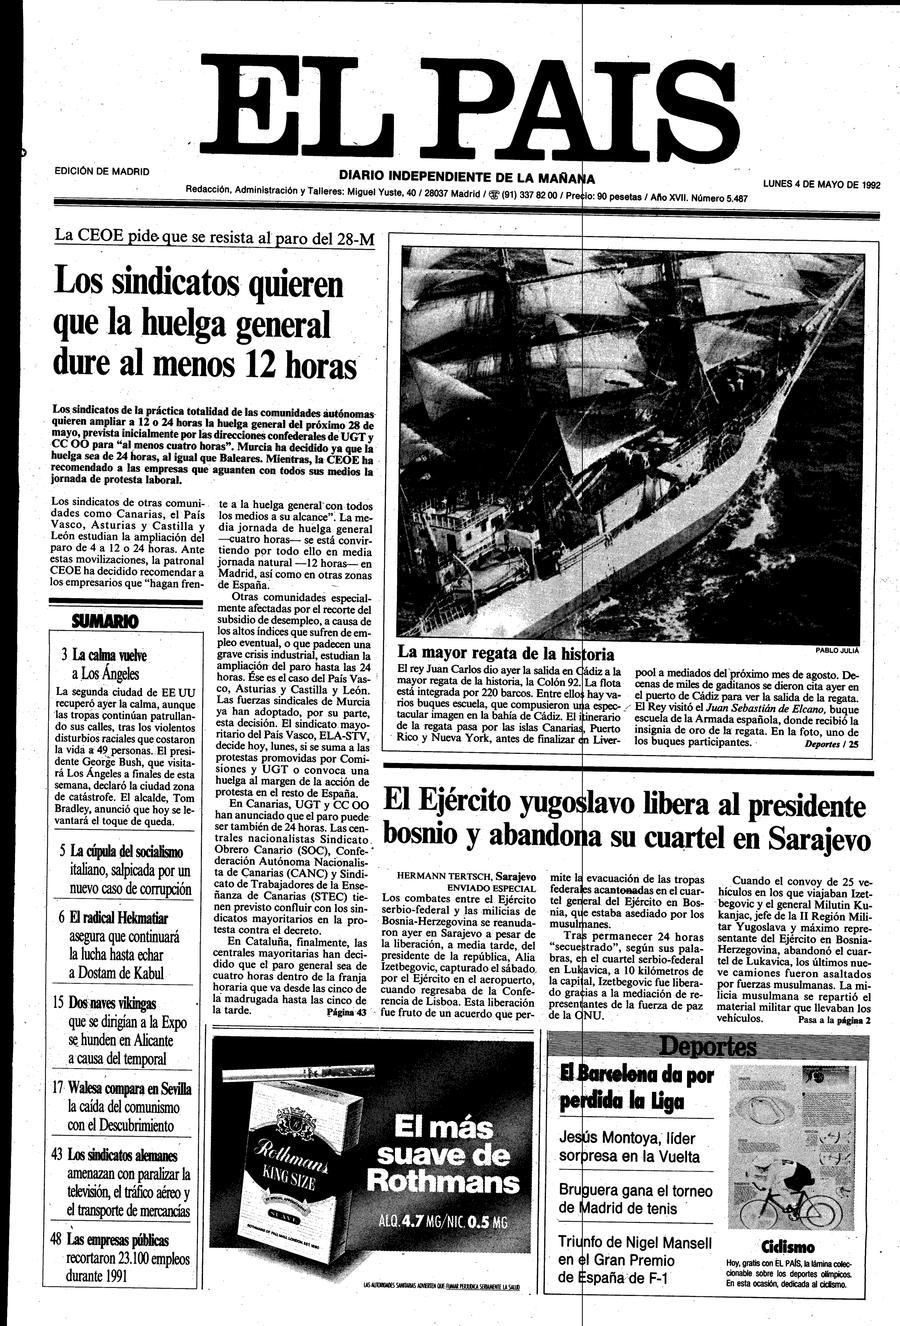 4 de Mayo de 1992